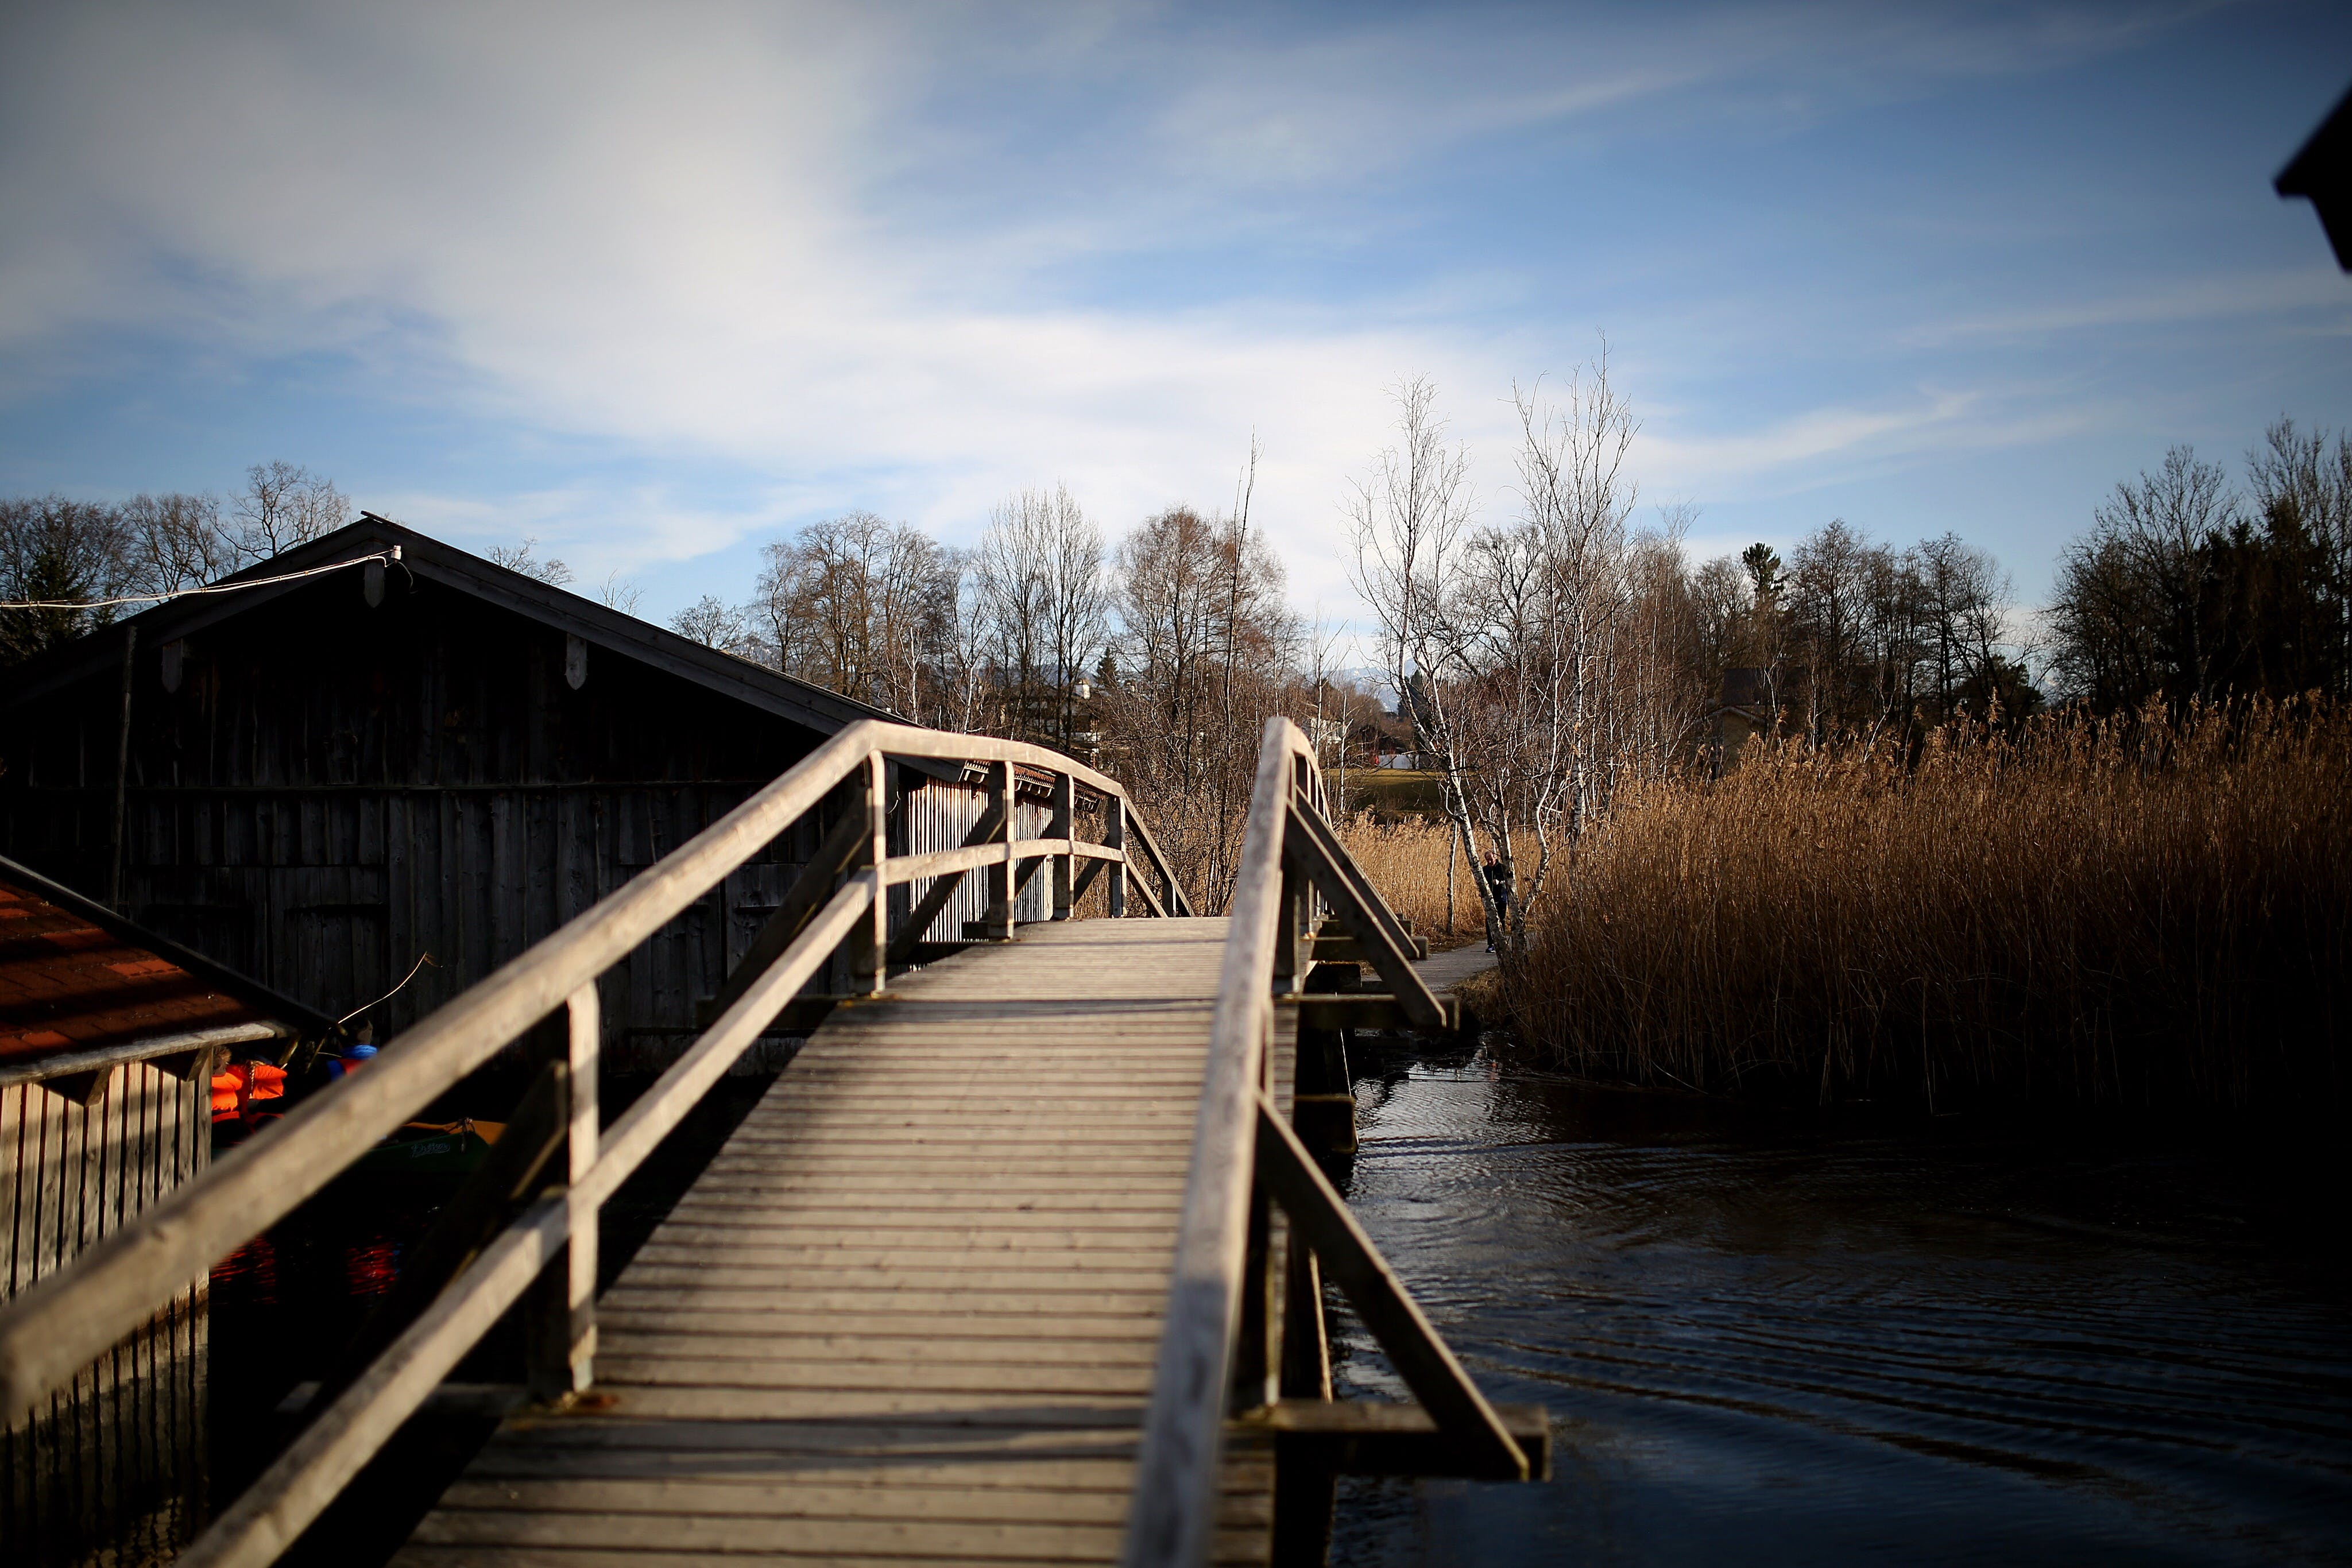 boardwalk, bridge, cabin